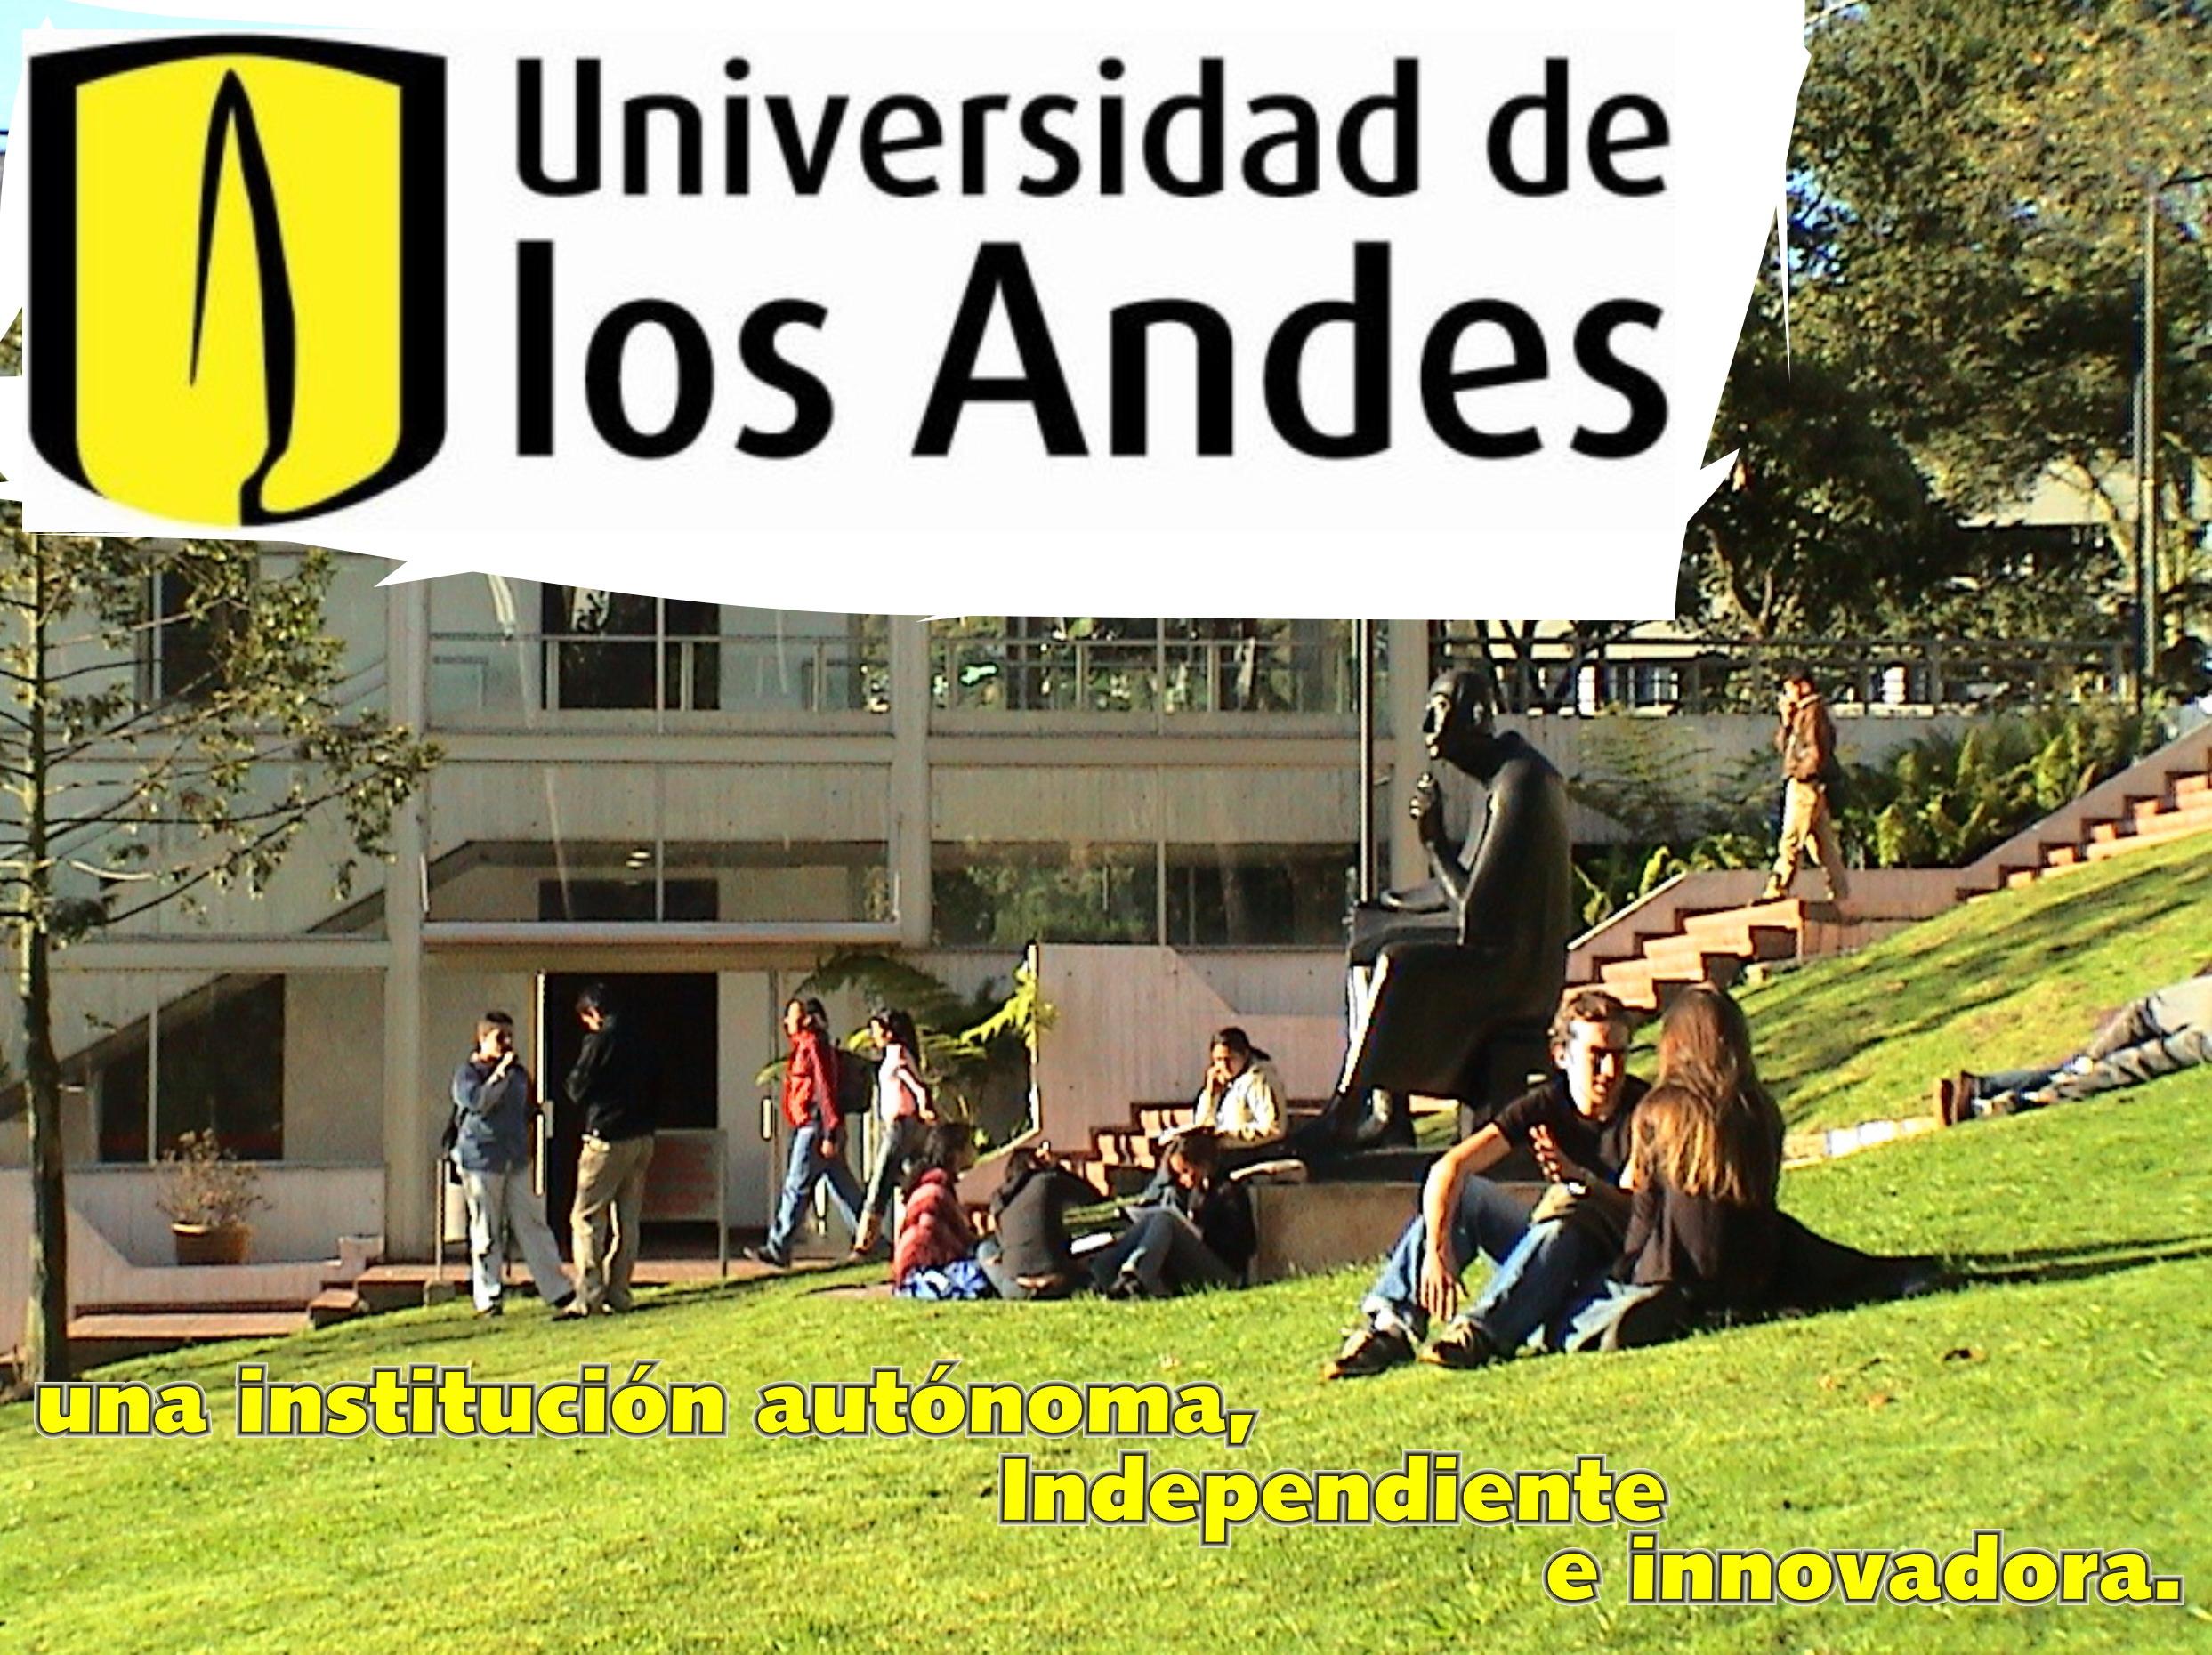 Universidad de los Andes, una institución autónoma, independiente e innovadora.